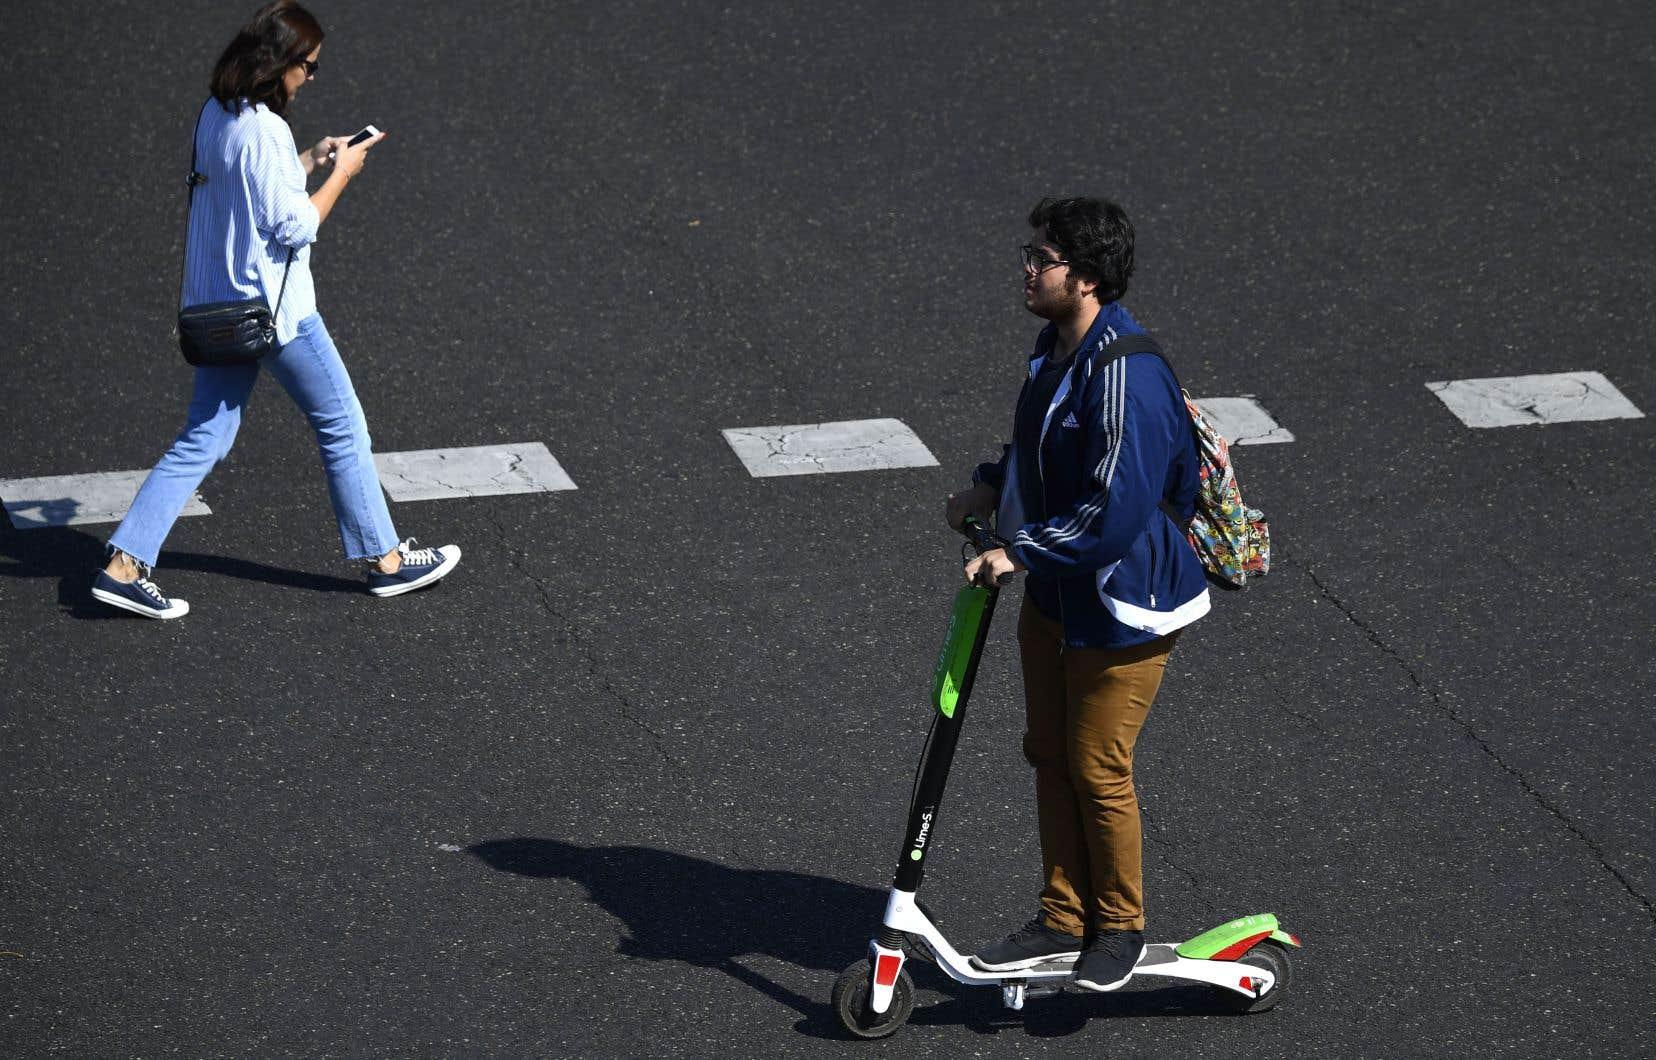 Les trottinettes électriques en libre-service et les vélos sans ancrage sont déjà présents dans plusieurs villes à travers le monde où, selon l'administration municipale de Montréal, ils causent des problèmes qu'on ne veut pas connaître ici.